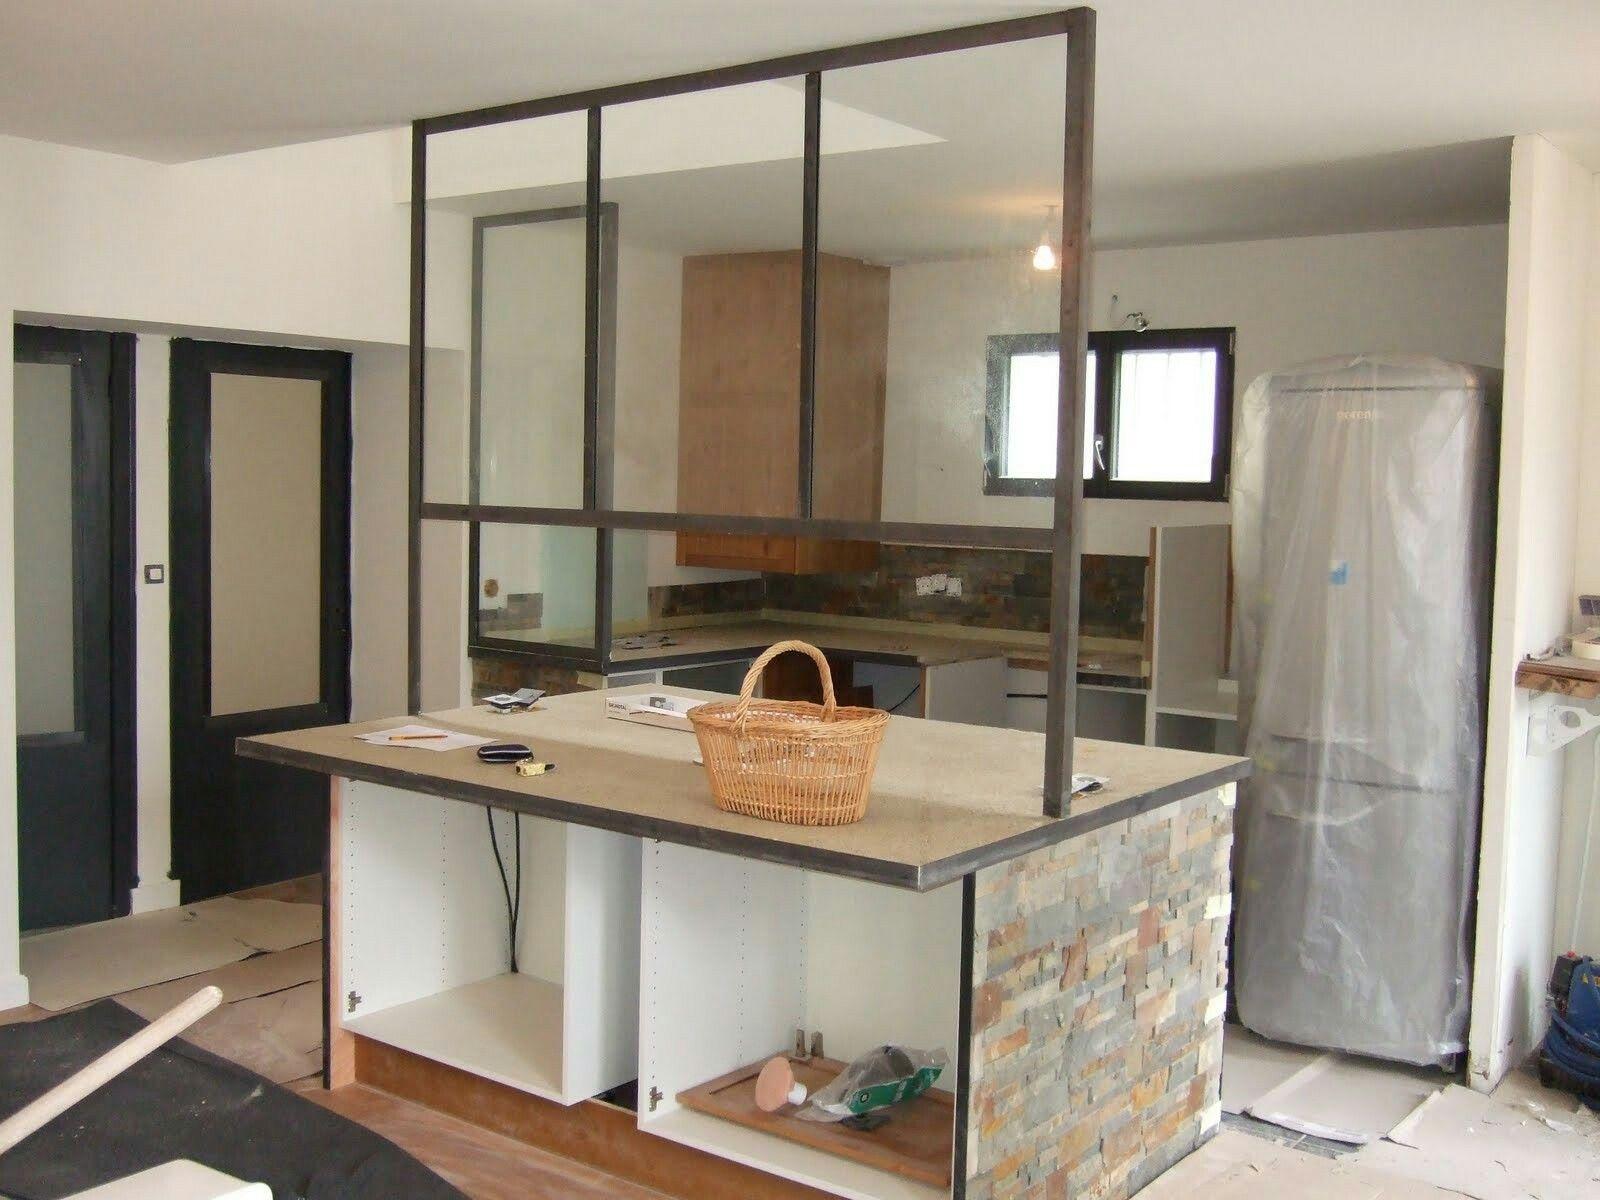 Meuble Sous La Verriere Maison Alex Laure Home Decor